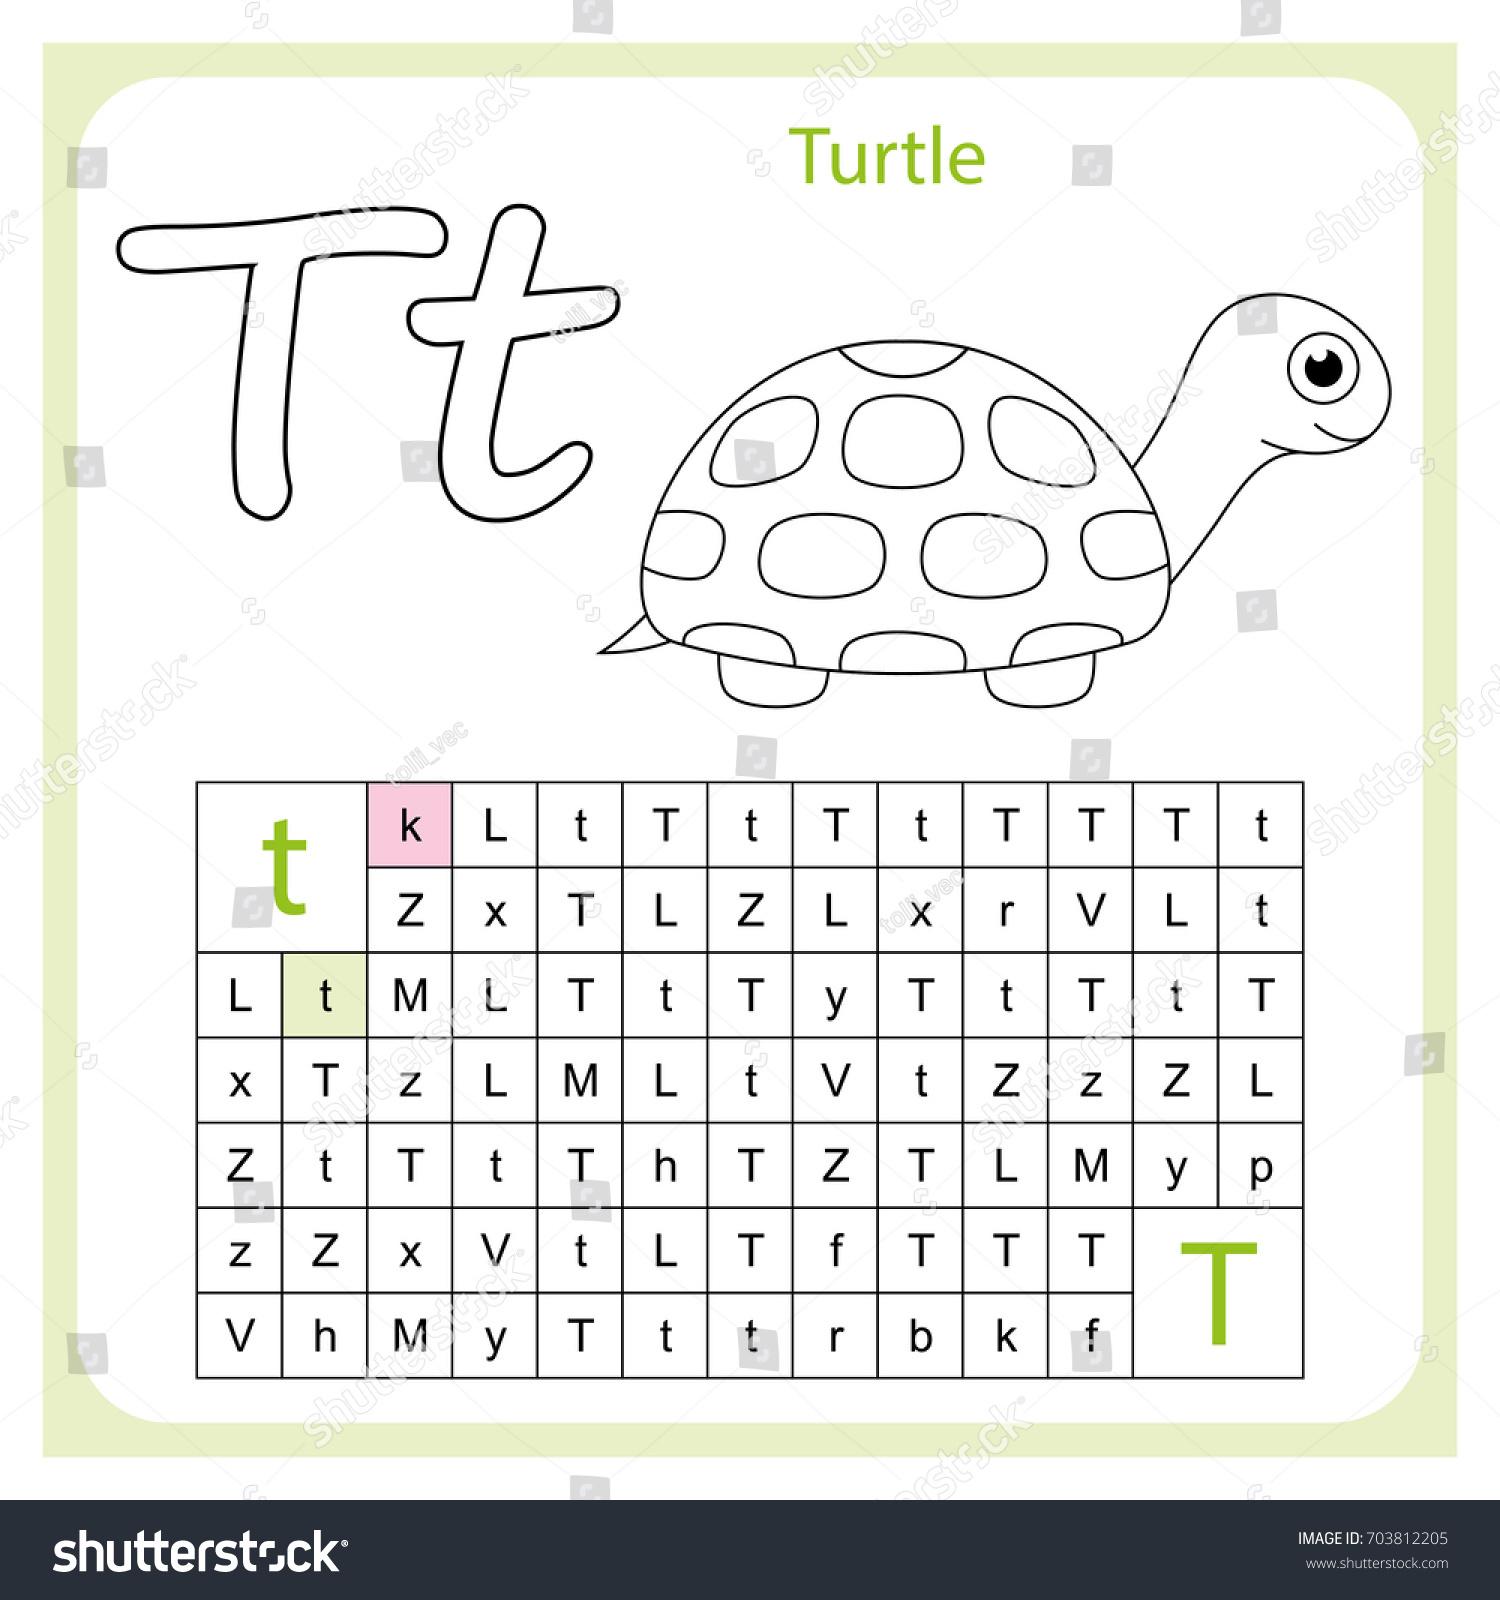 Worksheet Learning Alphabet Worksheet Preschool Children Stock